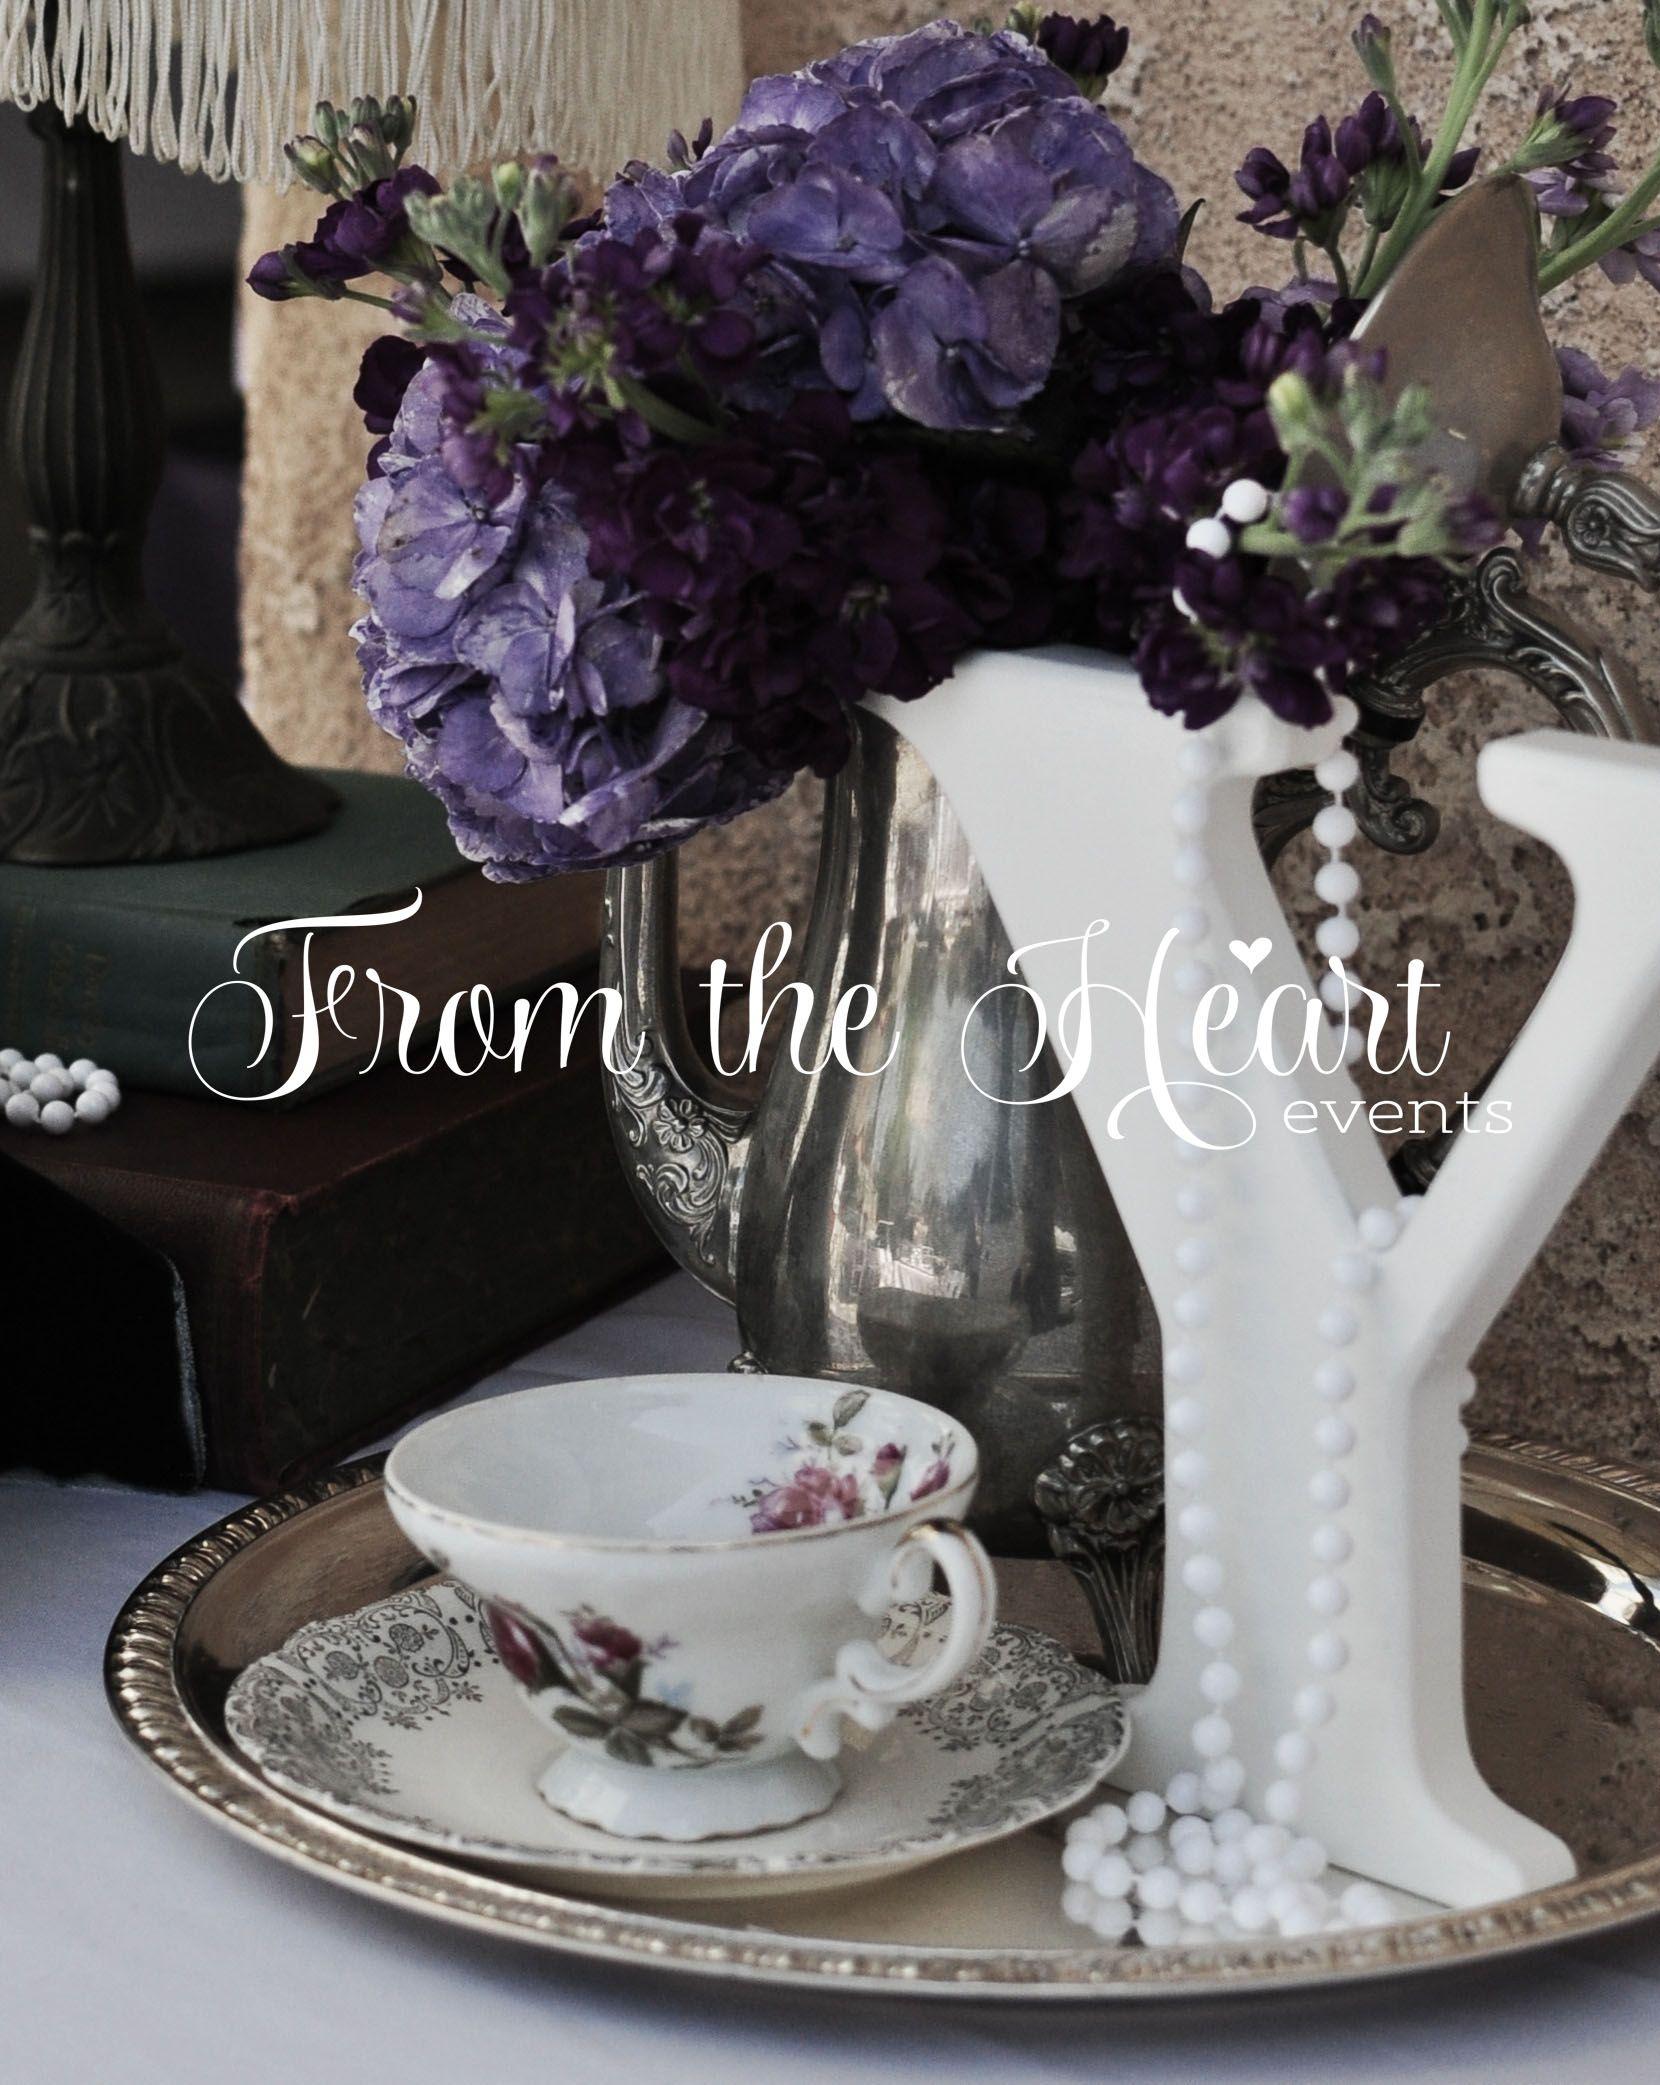 Victorian theme party Vintage vignette using tea